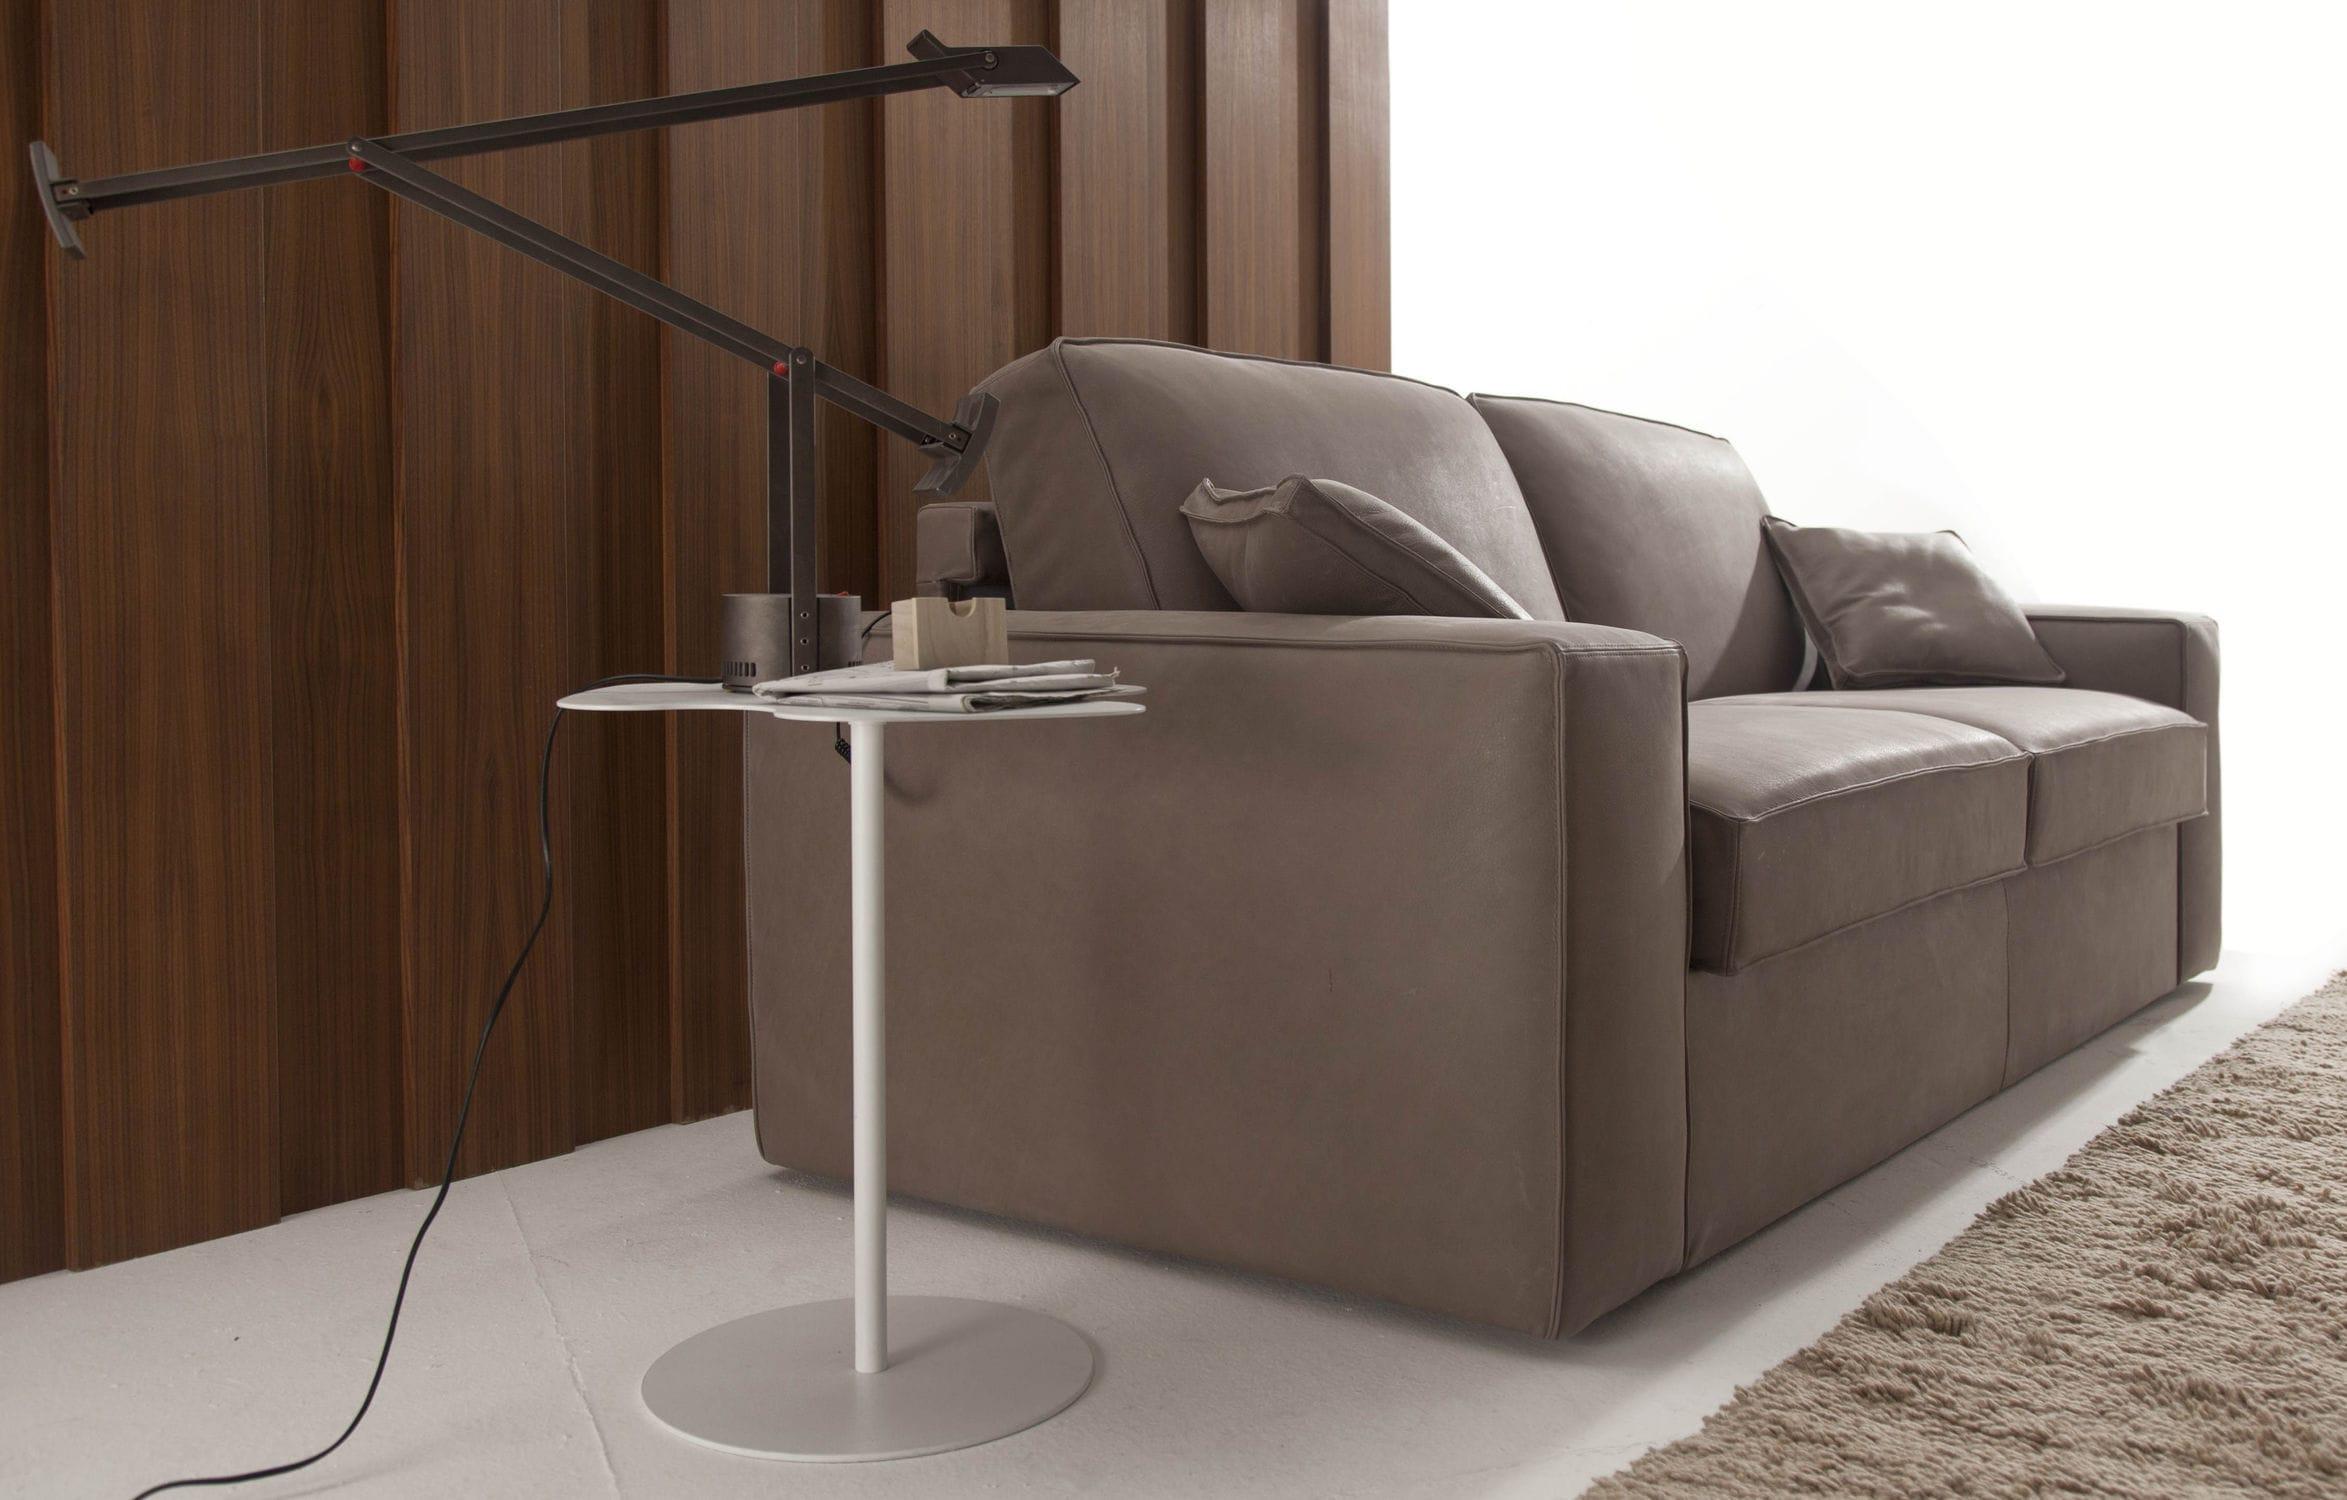 Sofa bed / contemporary / velvet / leather ELEVEN : AUTOMATIC SOFA BED  Divani Santambrogio